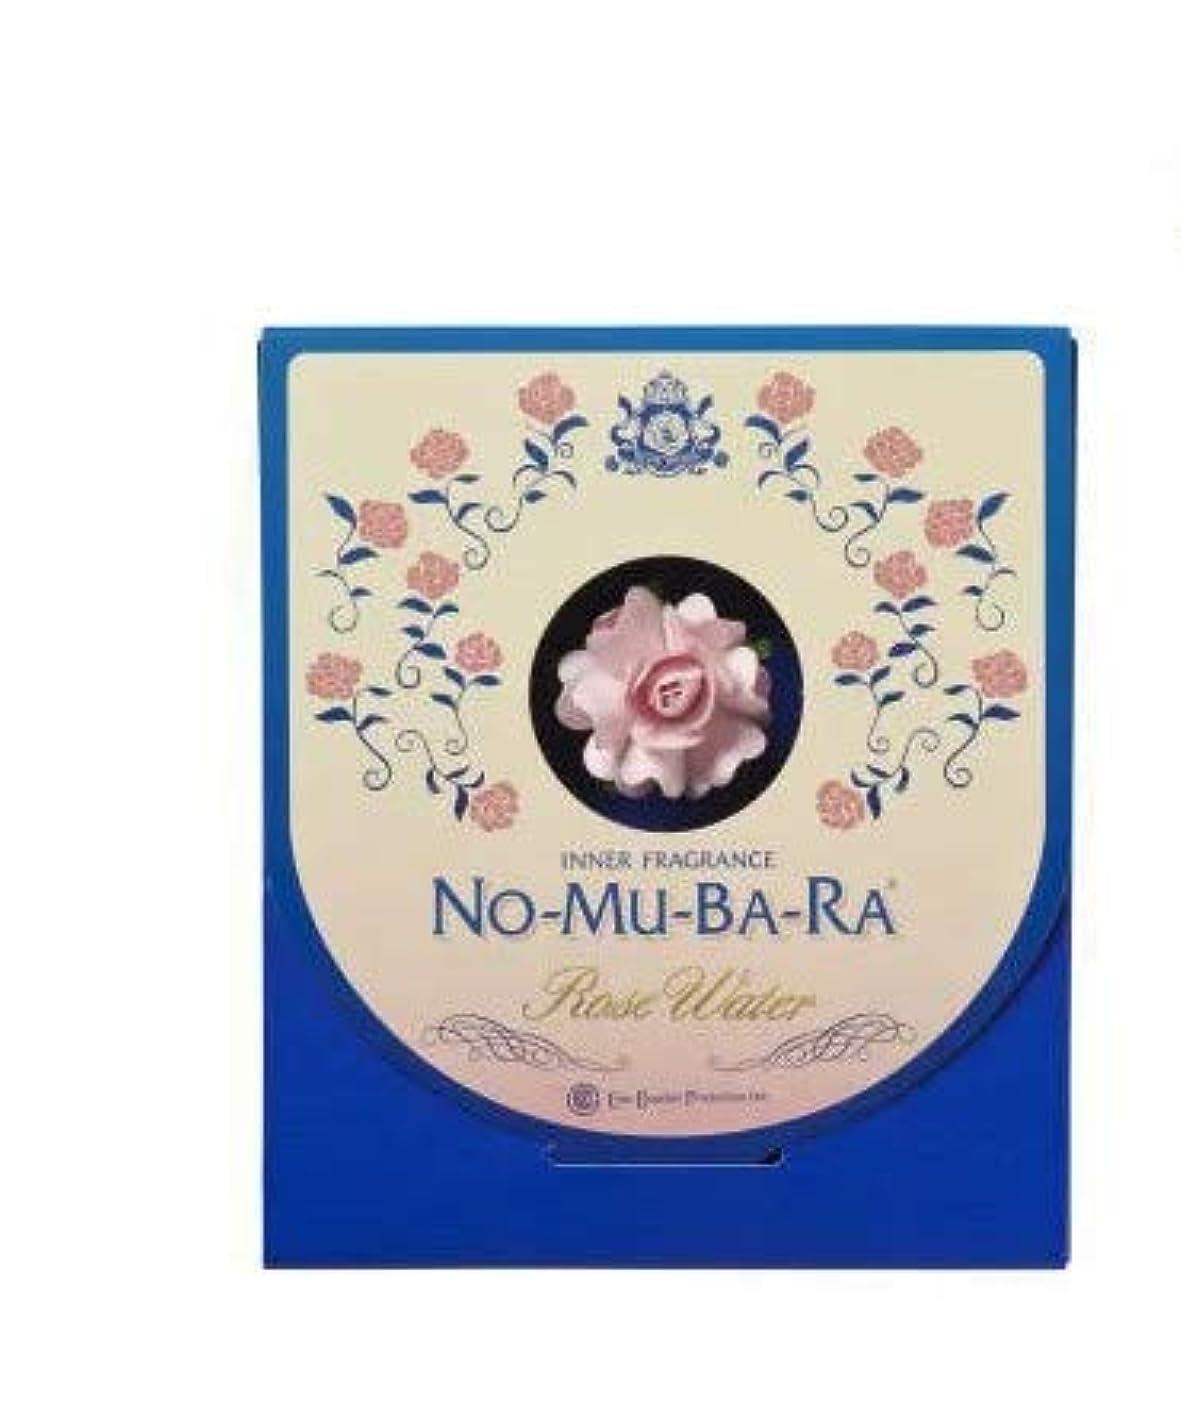 和ラック全員【日本製】飲む ローズウォーター NO-MU-BA-RA ノムバラ 6包入 お試し 国産 父の日 母の日 飲むバラ水 ドリンク nomubara バラサプリ のむばら 口臭 体臭 汗対策